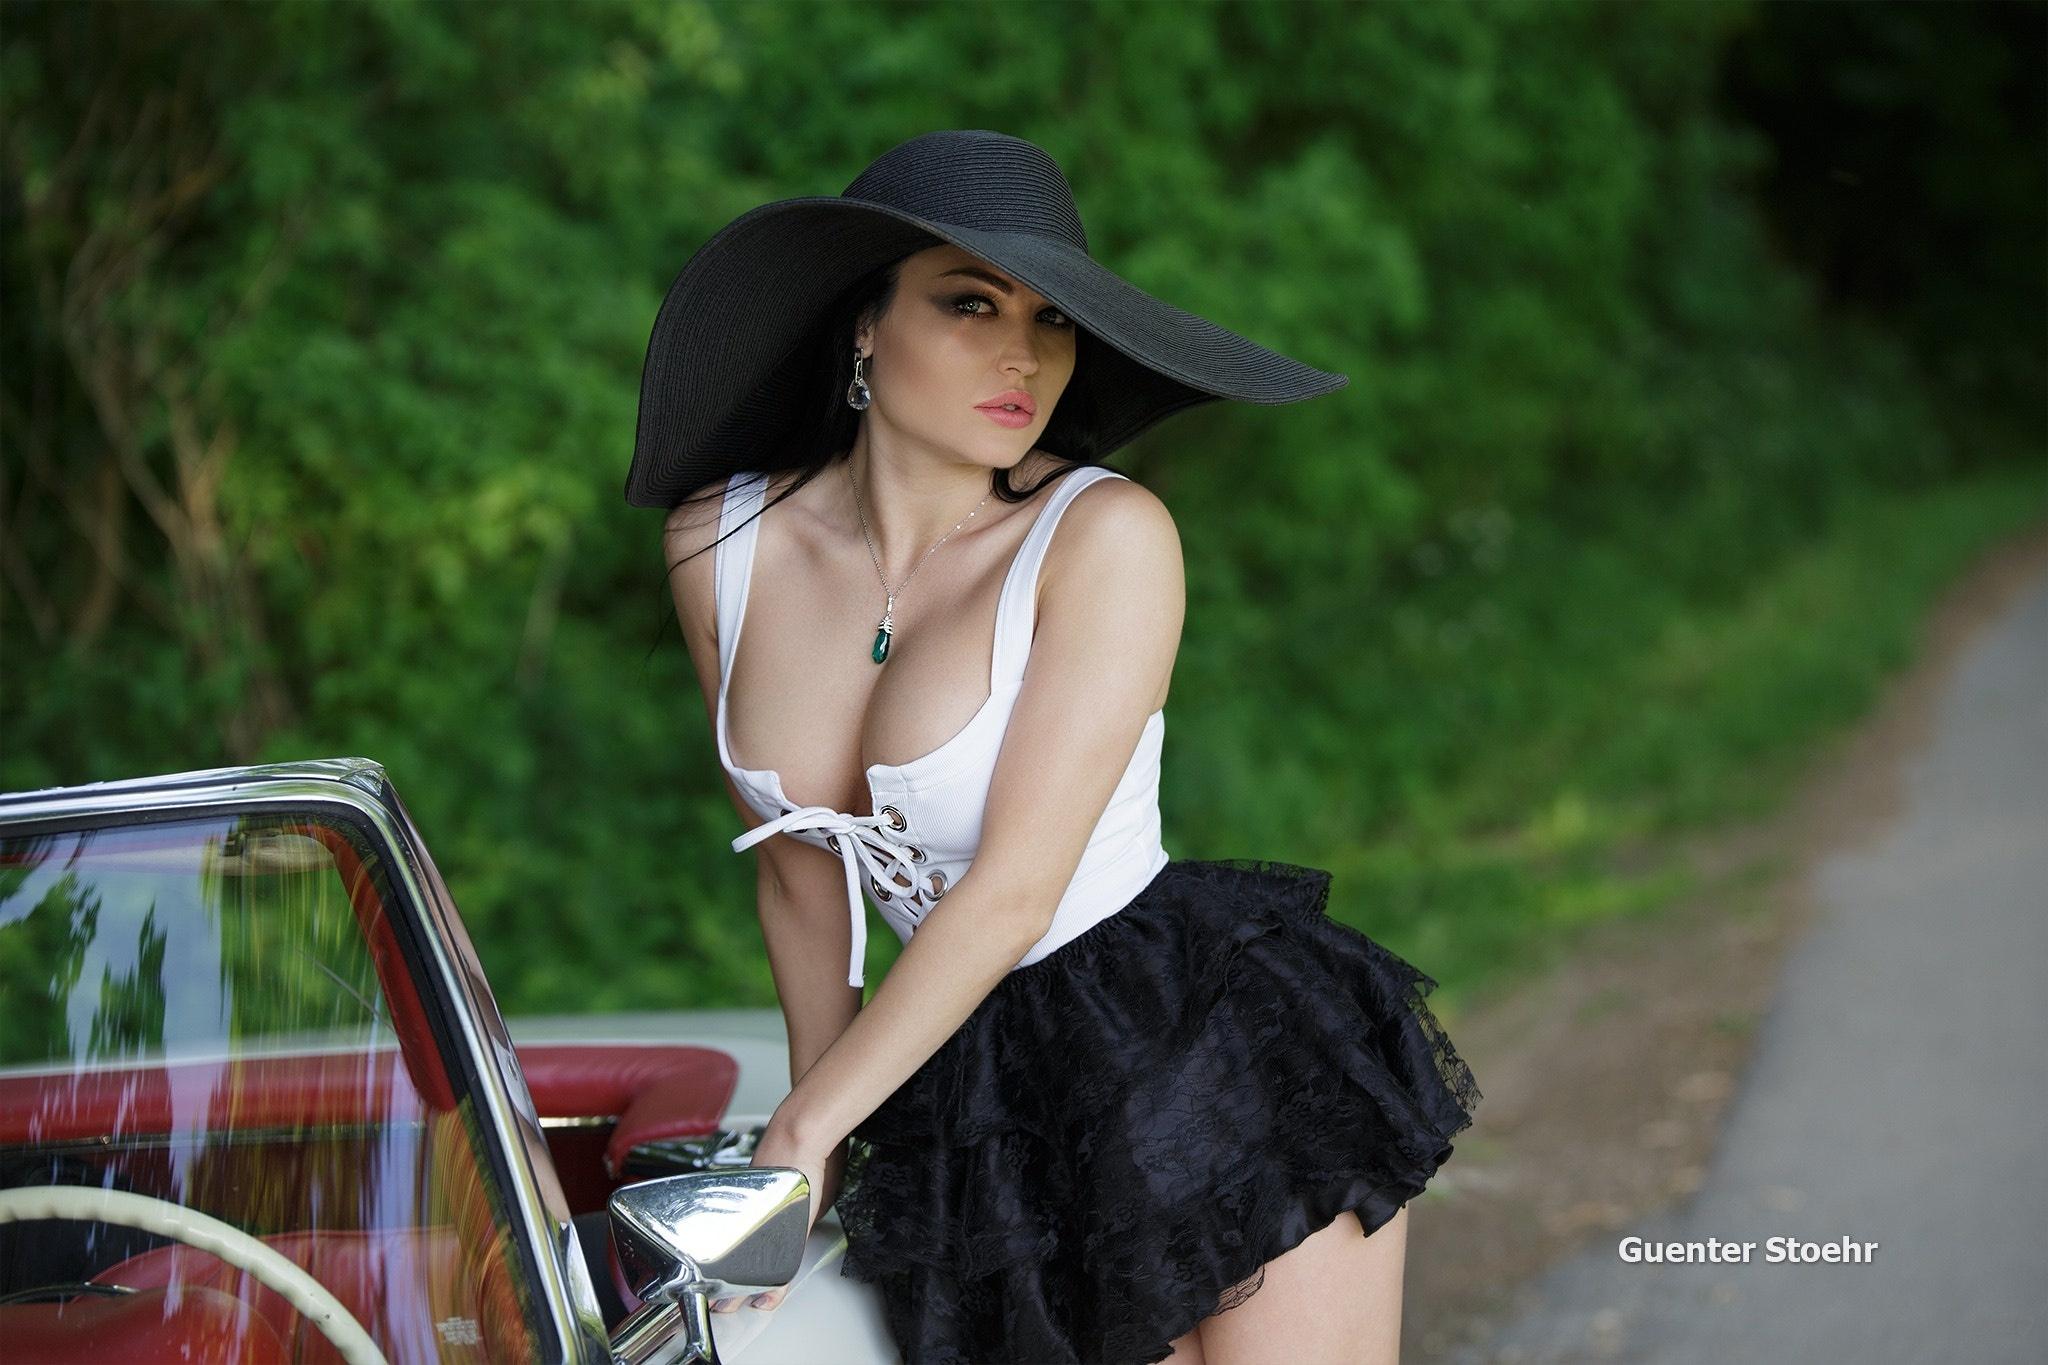 Обои Guenter Stoehr, photographer, девушка, модель на ...